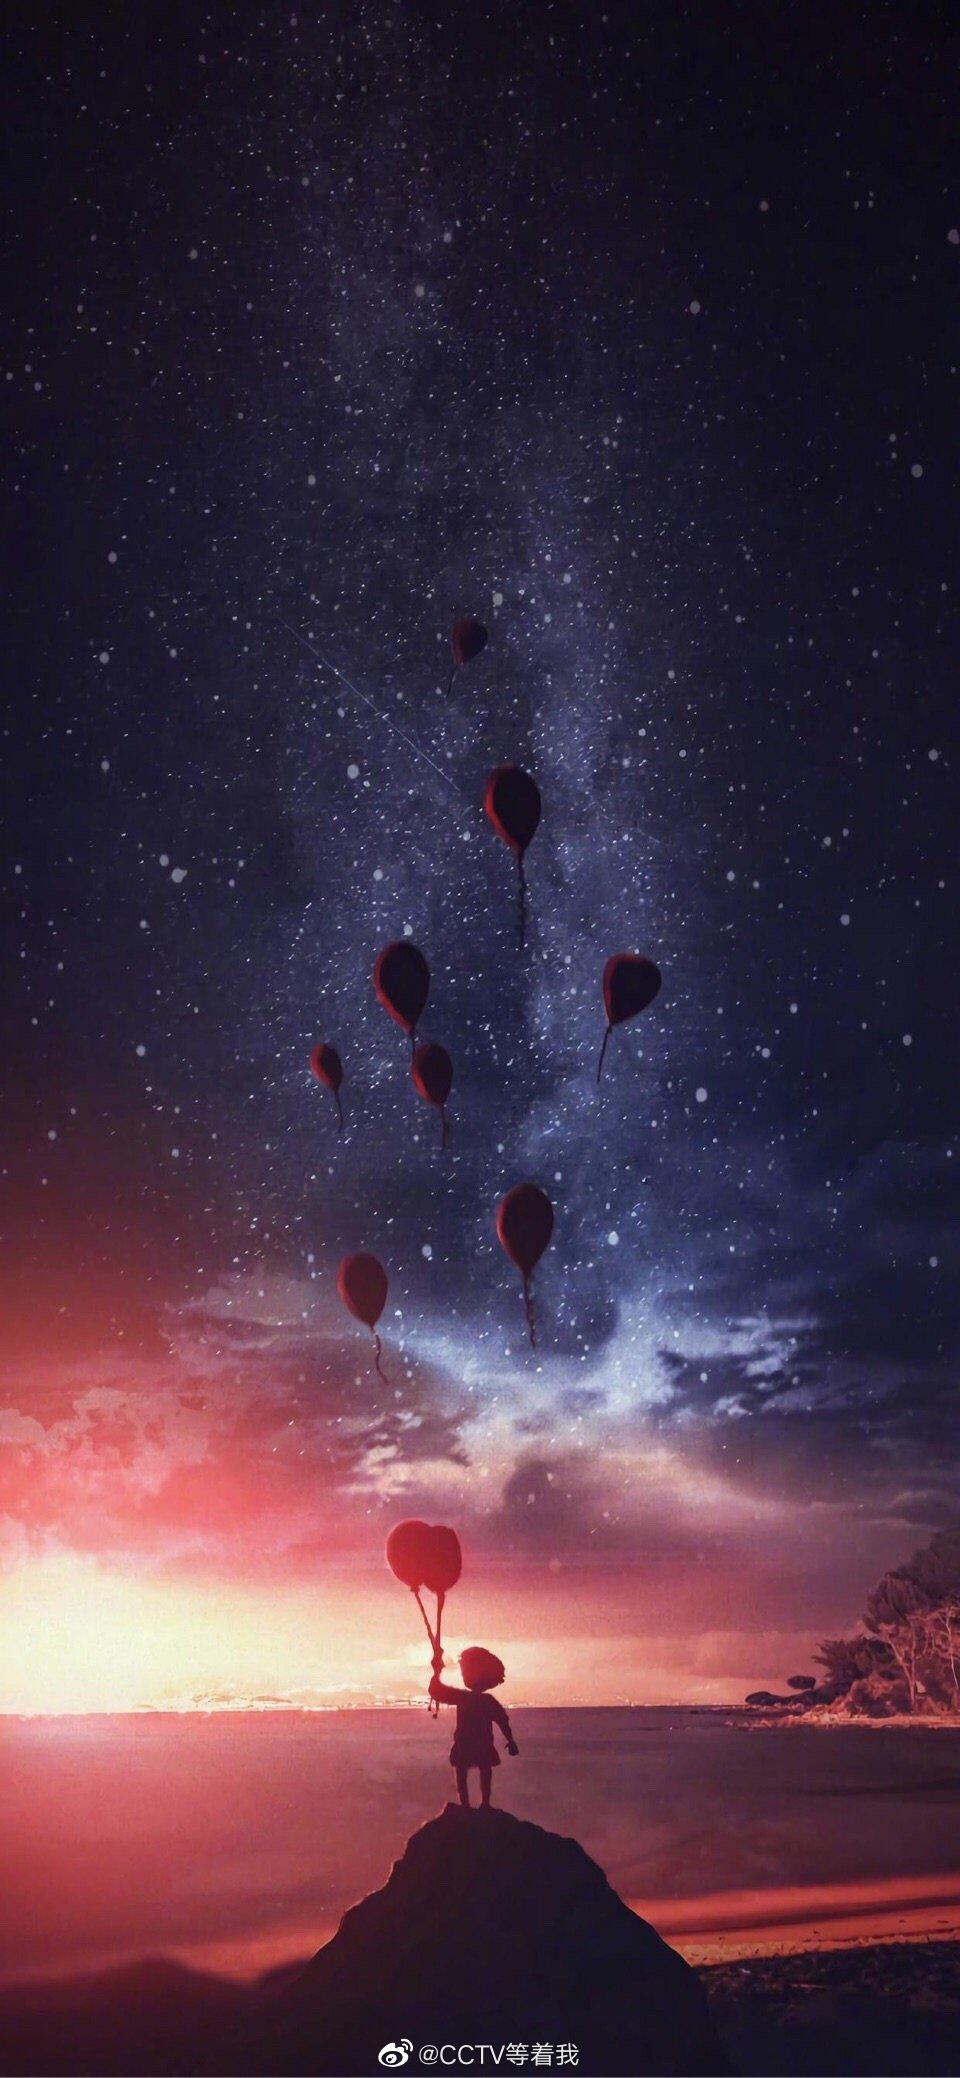 爱自己,是浪漫的开始。晚安